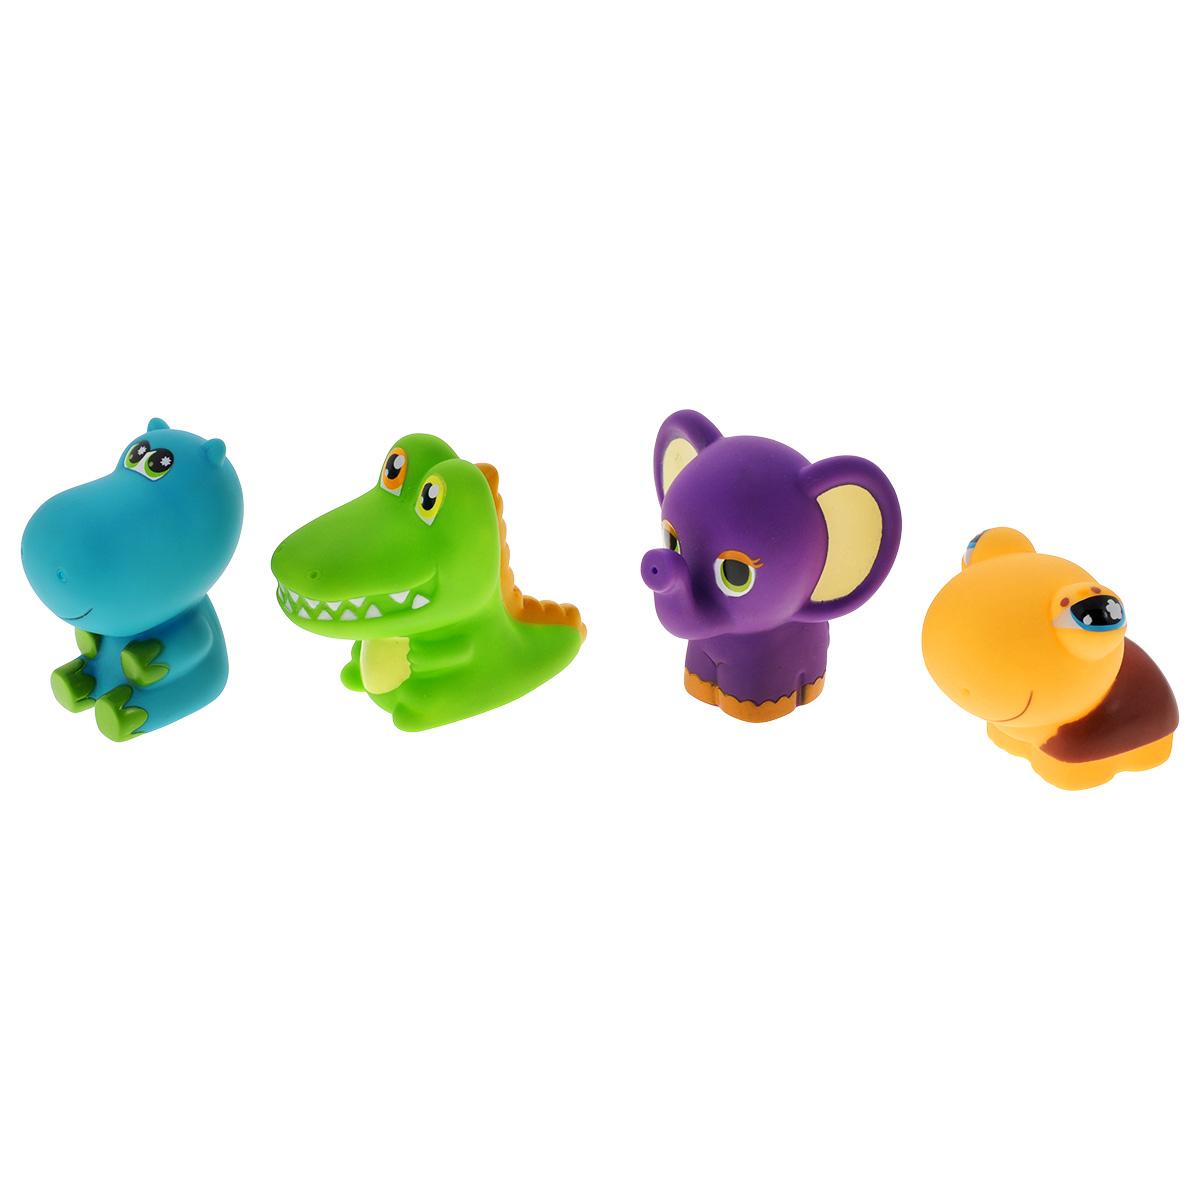 Игровой набор для ванны Mioshi Забавные малыши, 4 штMAU0304-013С набором для ванны Mioshi Забавные малыши принимать водные процедуры станет ещё веселее и приятнее. В комплекте набора малыш обнаружит: зеленого крокодильчика, фиолетового слонёнка, бирюзового бегемотика и очаровательную черепашку . Все составляющие набора приятны на ощупь, имеют удобную для захвата маленькими пальчиками эргономичную форму и быстро сохнут. Забавным дополнением также будет возможность игрушек брызгать водой при сжатии. Устраивайте водные сражения! Игрушки Mioshi Aqua помогают малышам быстрее приспосабливаться к водной среде, а процесс принятия водных процедур делают веселым и увлекательным.